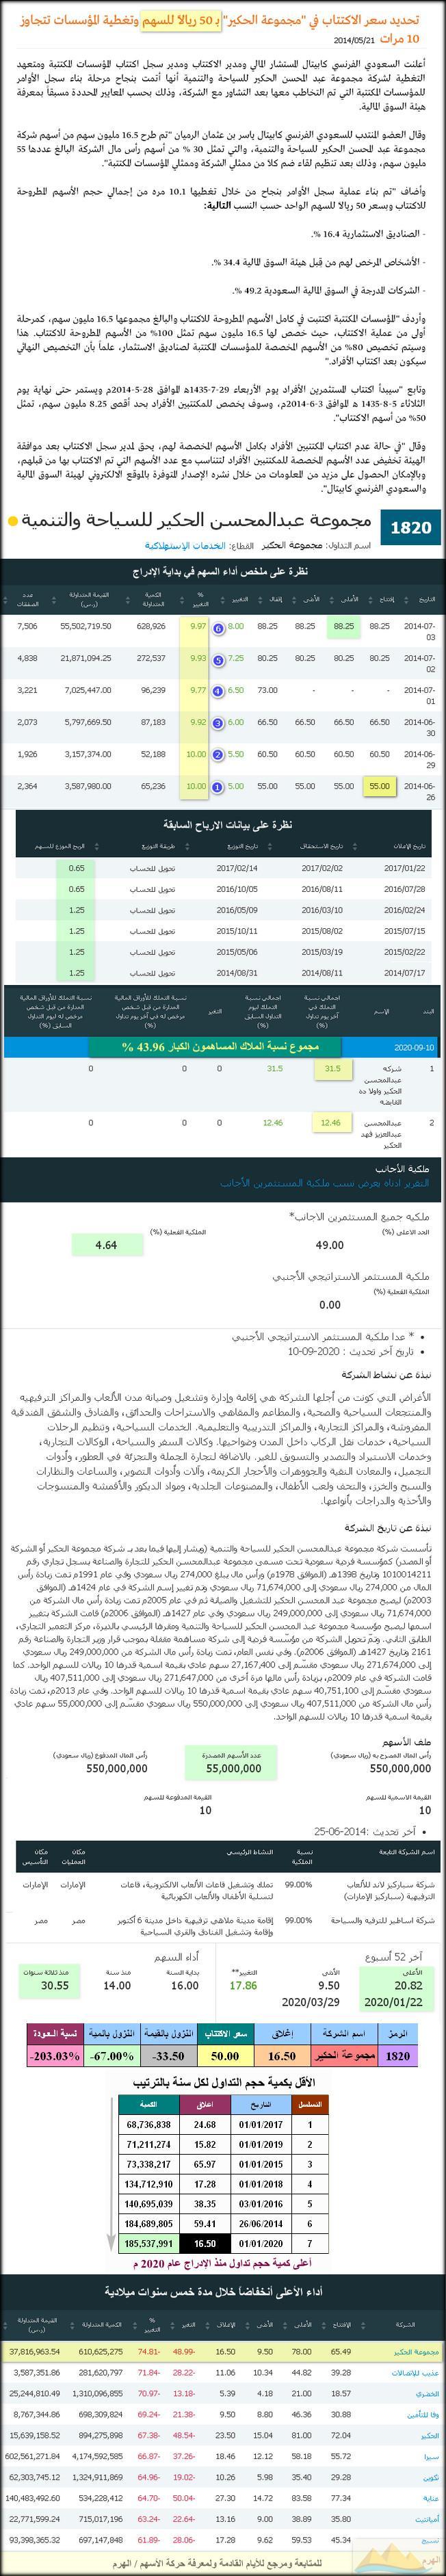 """الإغلاقات السنوية رمز 1820 """" لشركة مجموعة عبدالمحسن الحكير"""" نادي خبراء المال"""